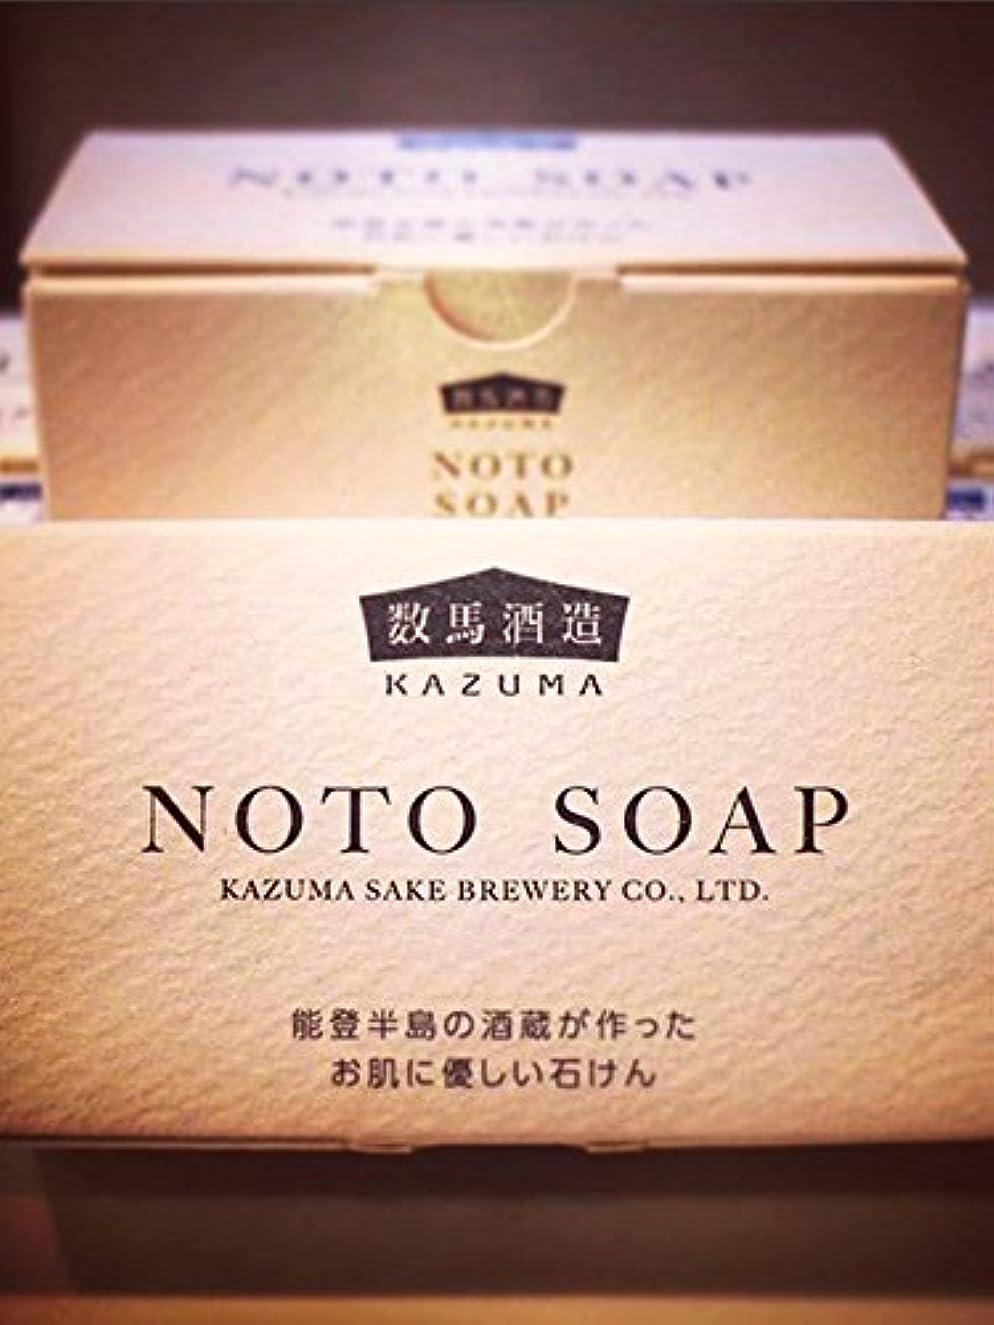 代わりの分数不承認竹葉 NOTO SOAP 酒粕石鹸 1個80g